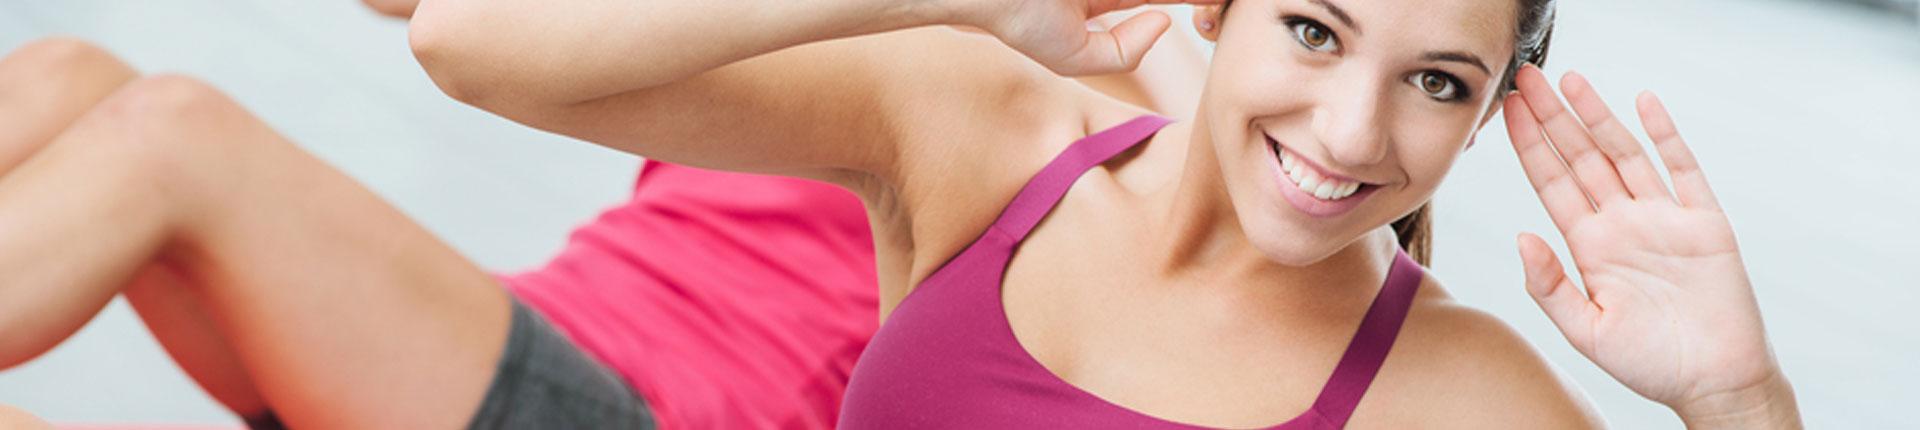 Zdrowy styl życia - co to znaczy żyć zdrowo?